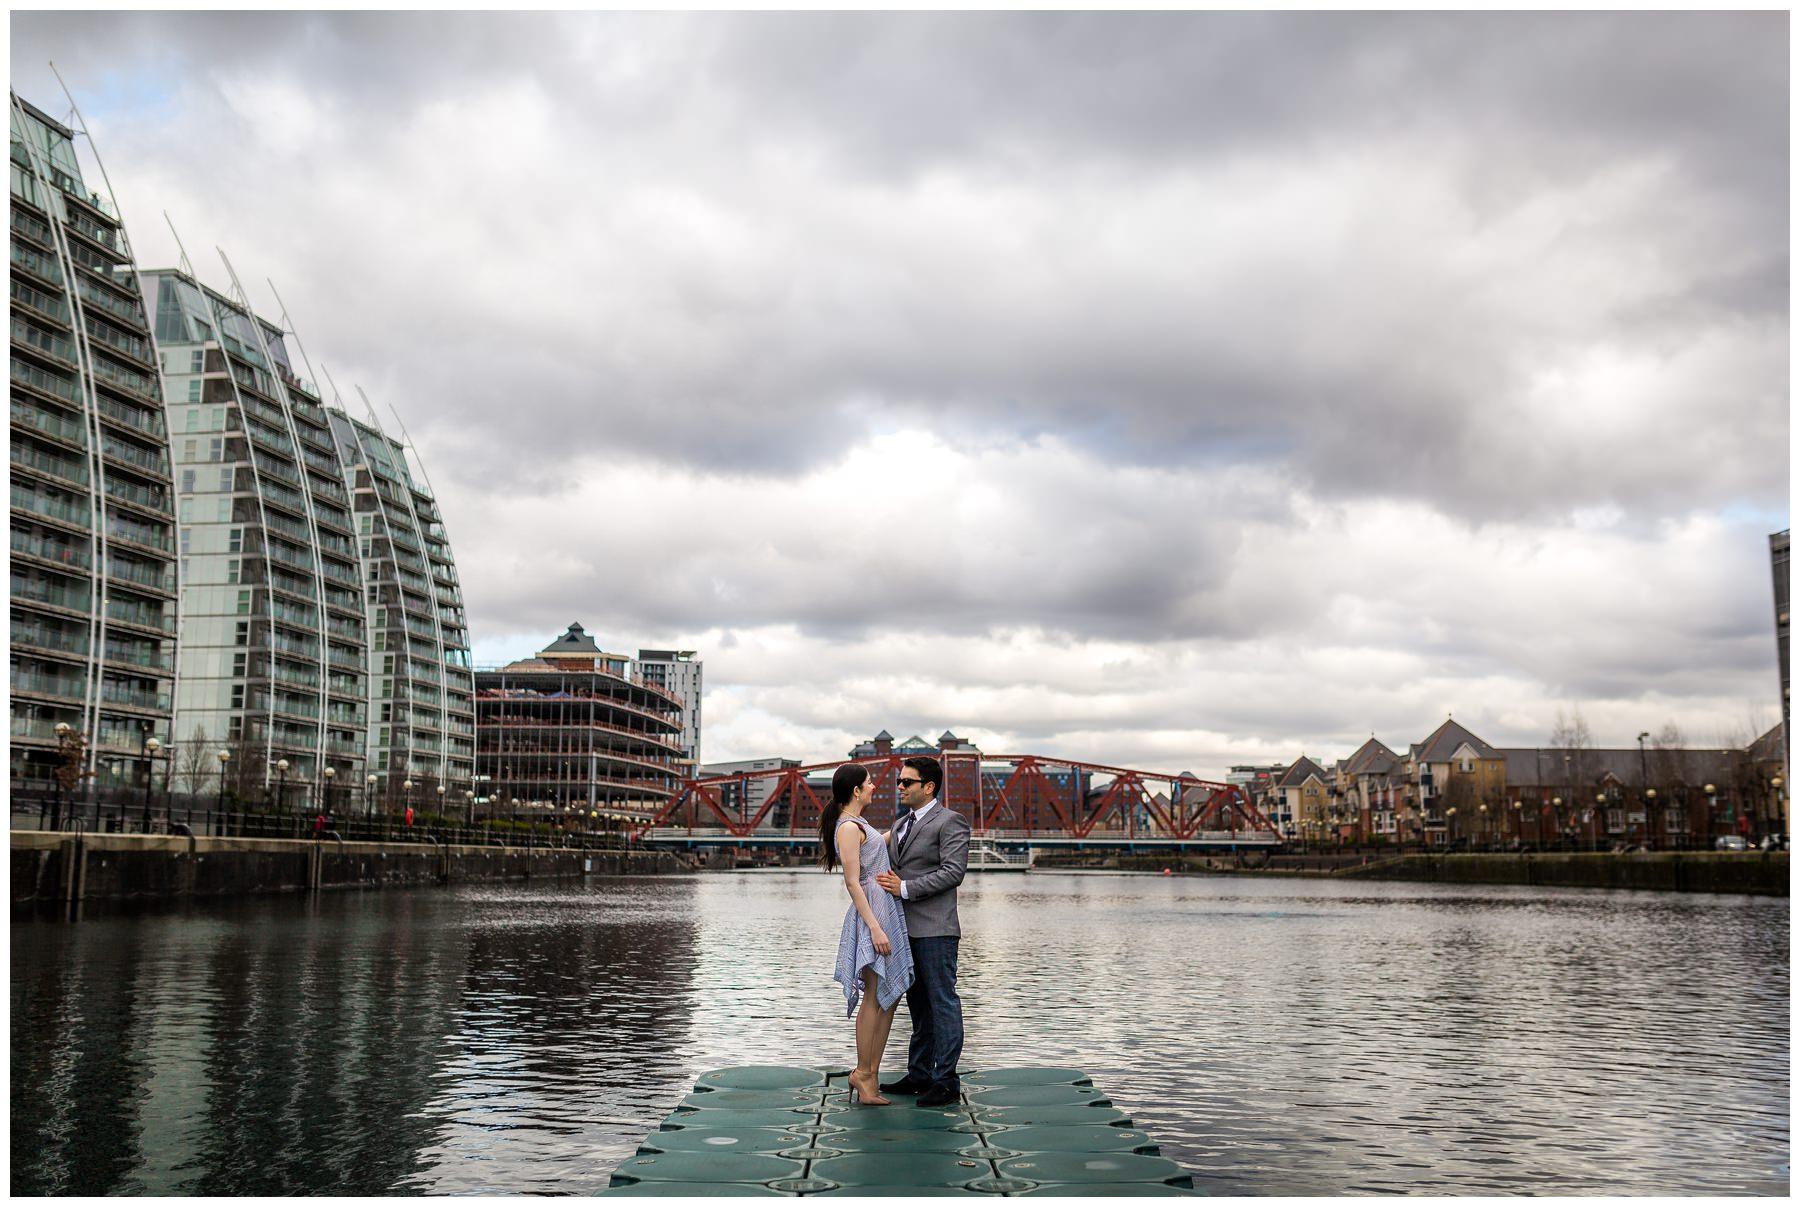 couple stood on floating ledge